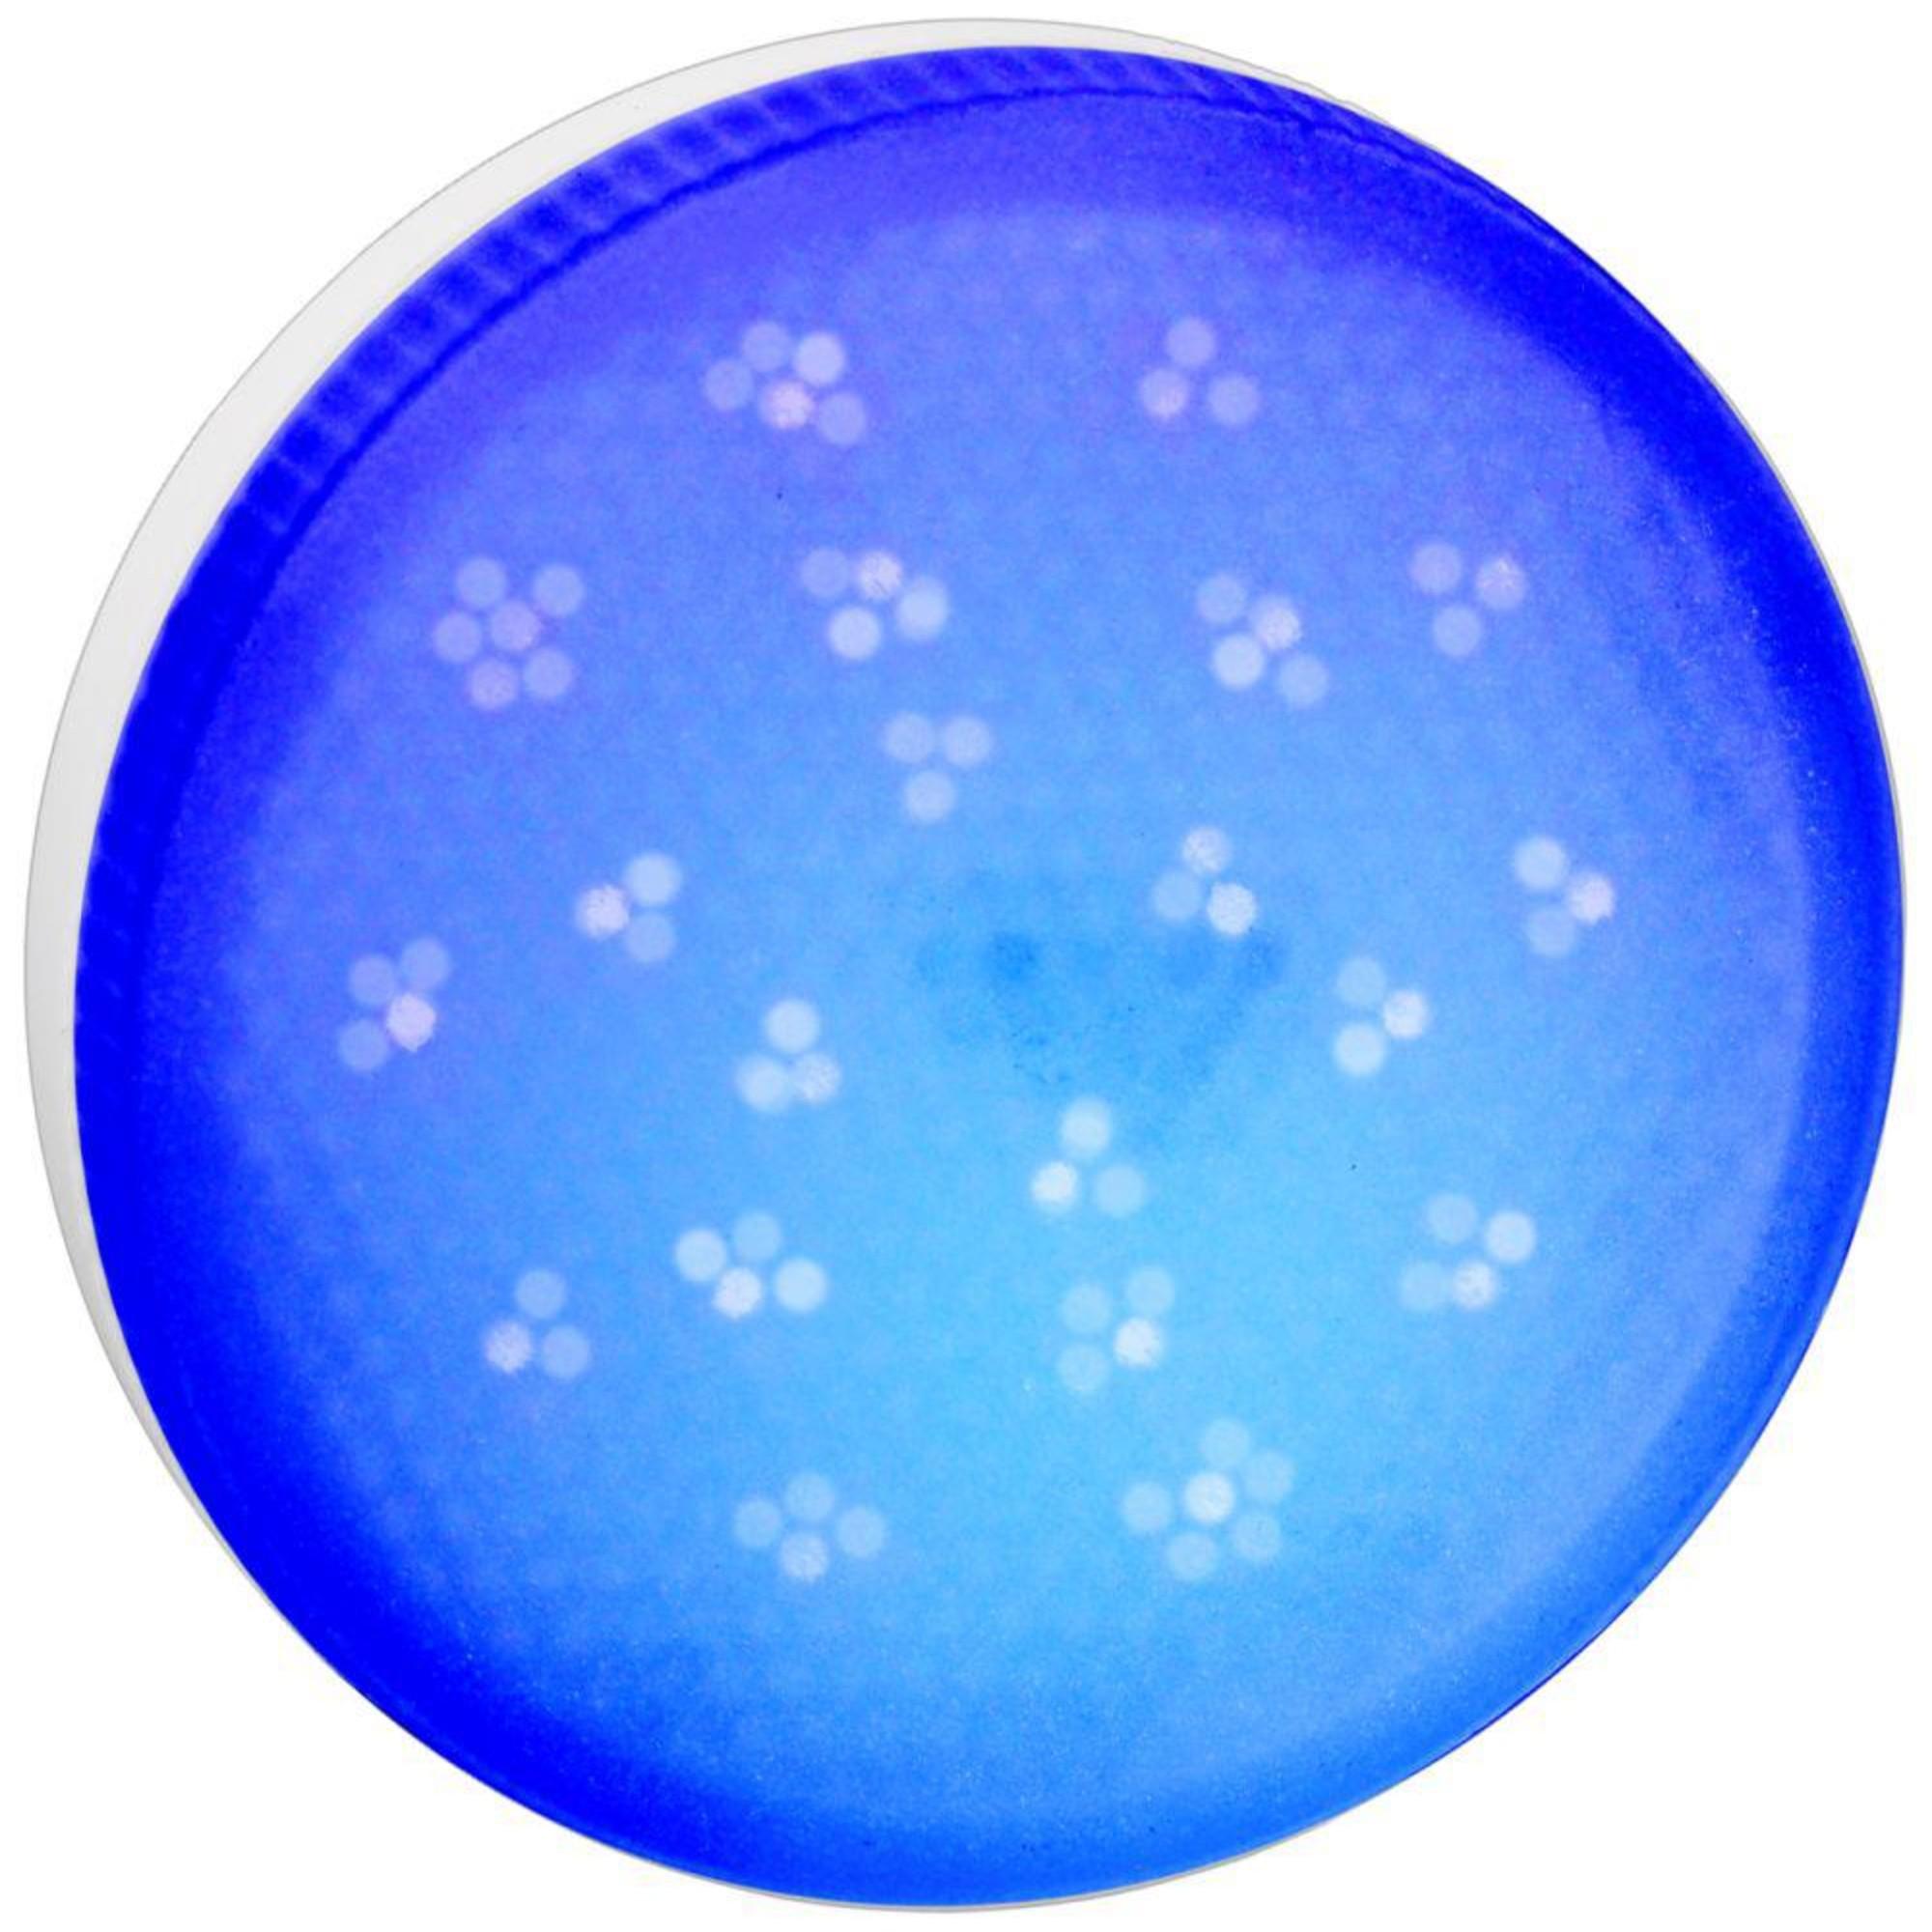 Лампа Ecola стандарт светодионая GX53 8 Вт таблетка Лм холодный свет